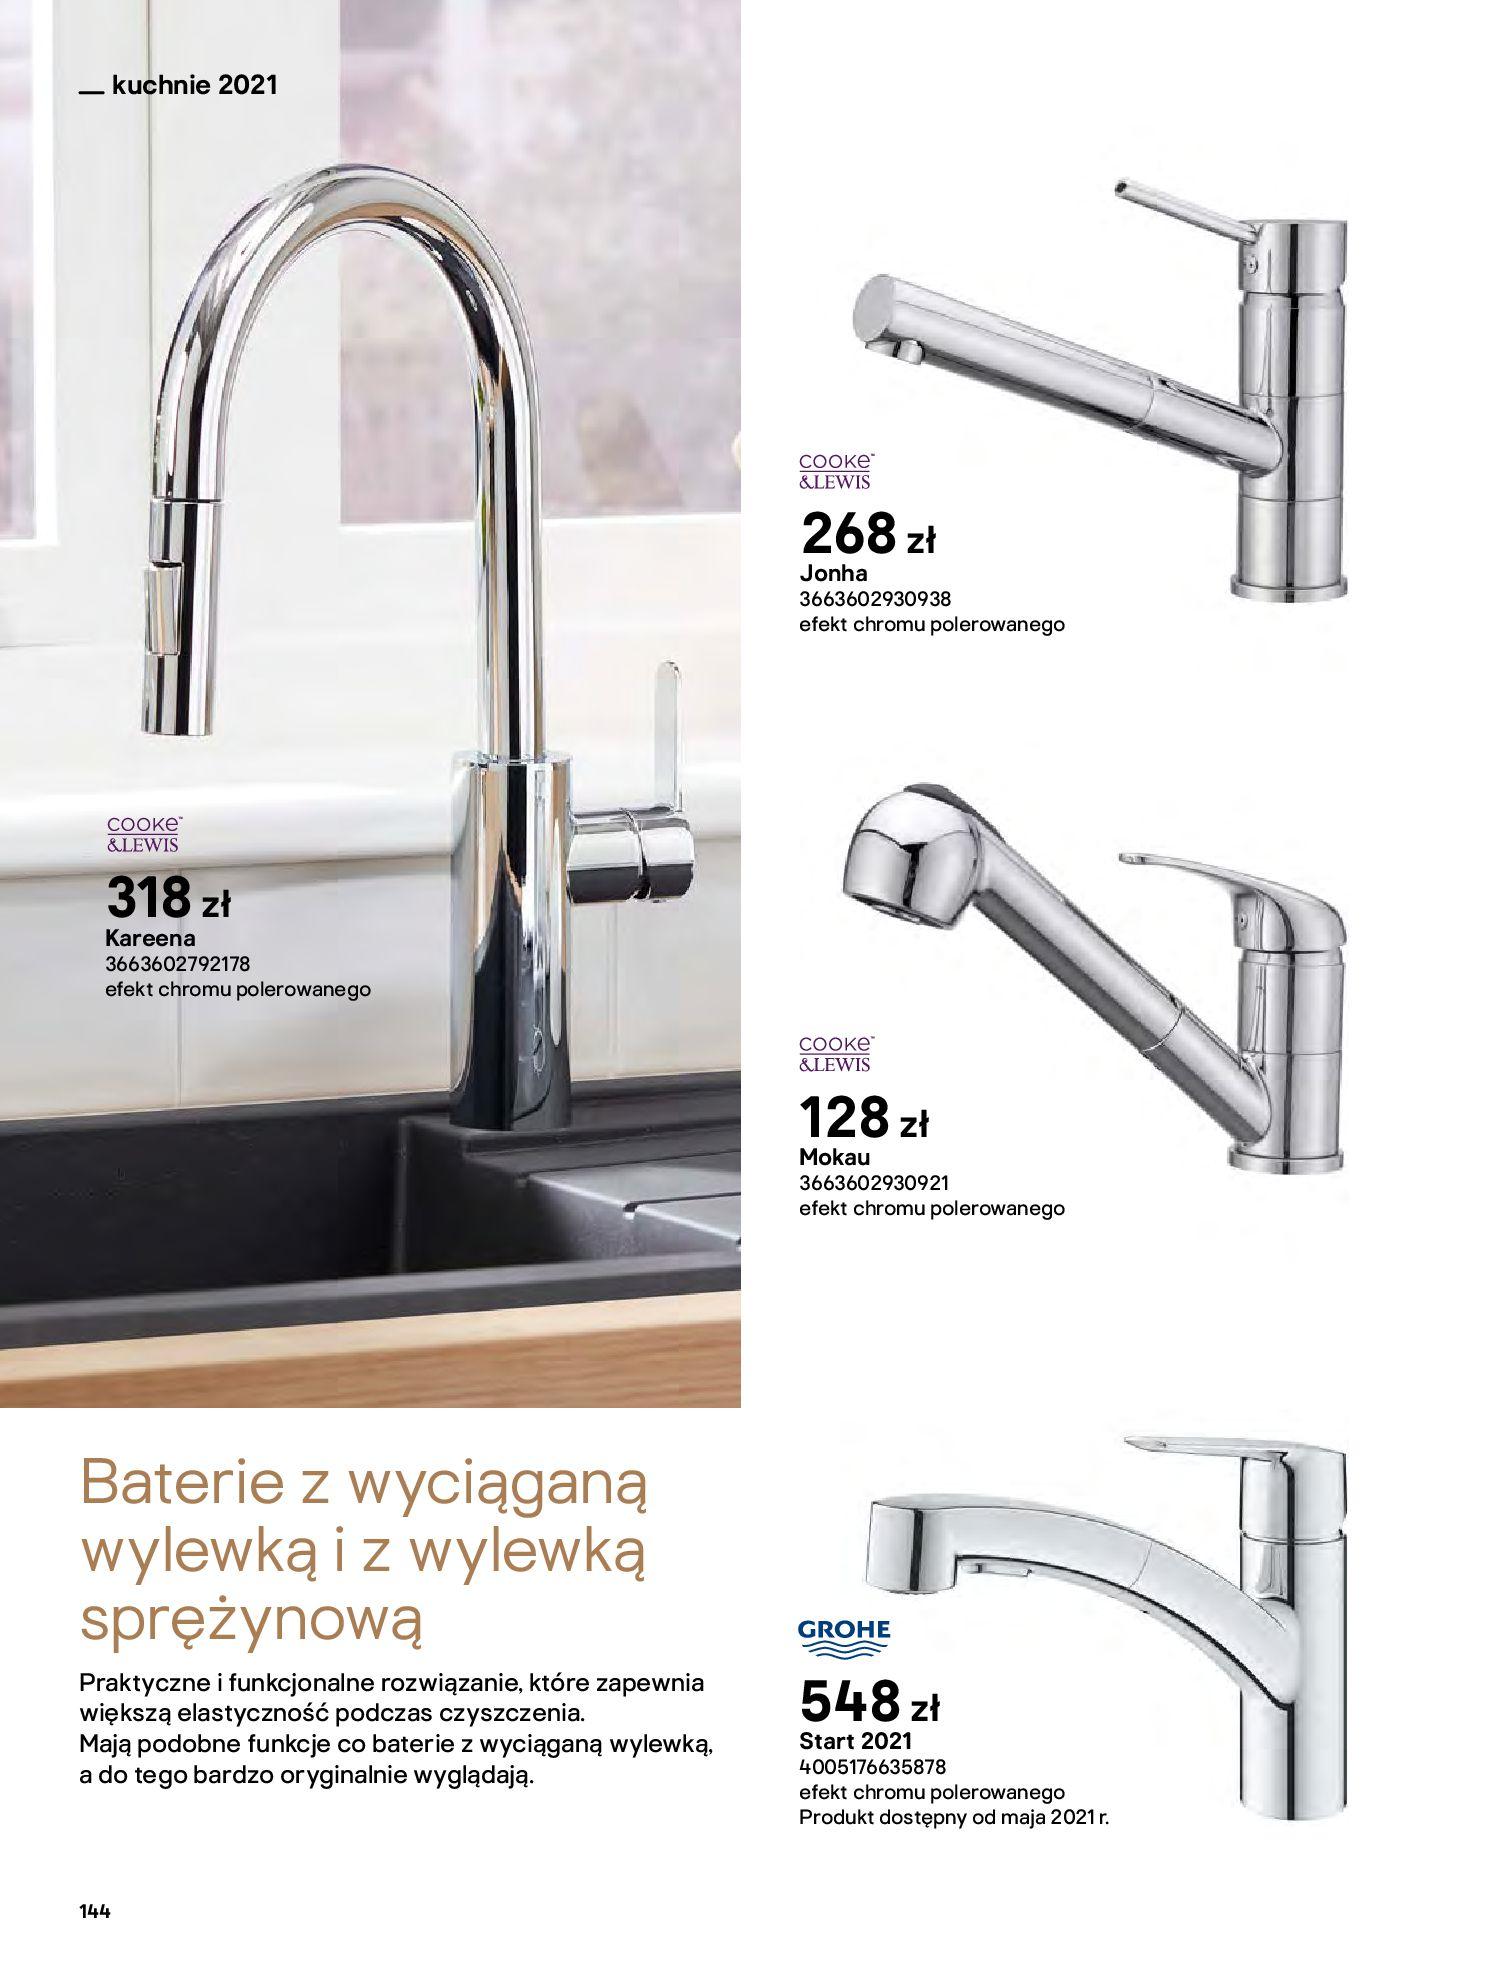 Gazetka Castorama: Katalog kuchnie 2021 2021-05-04 page-144